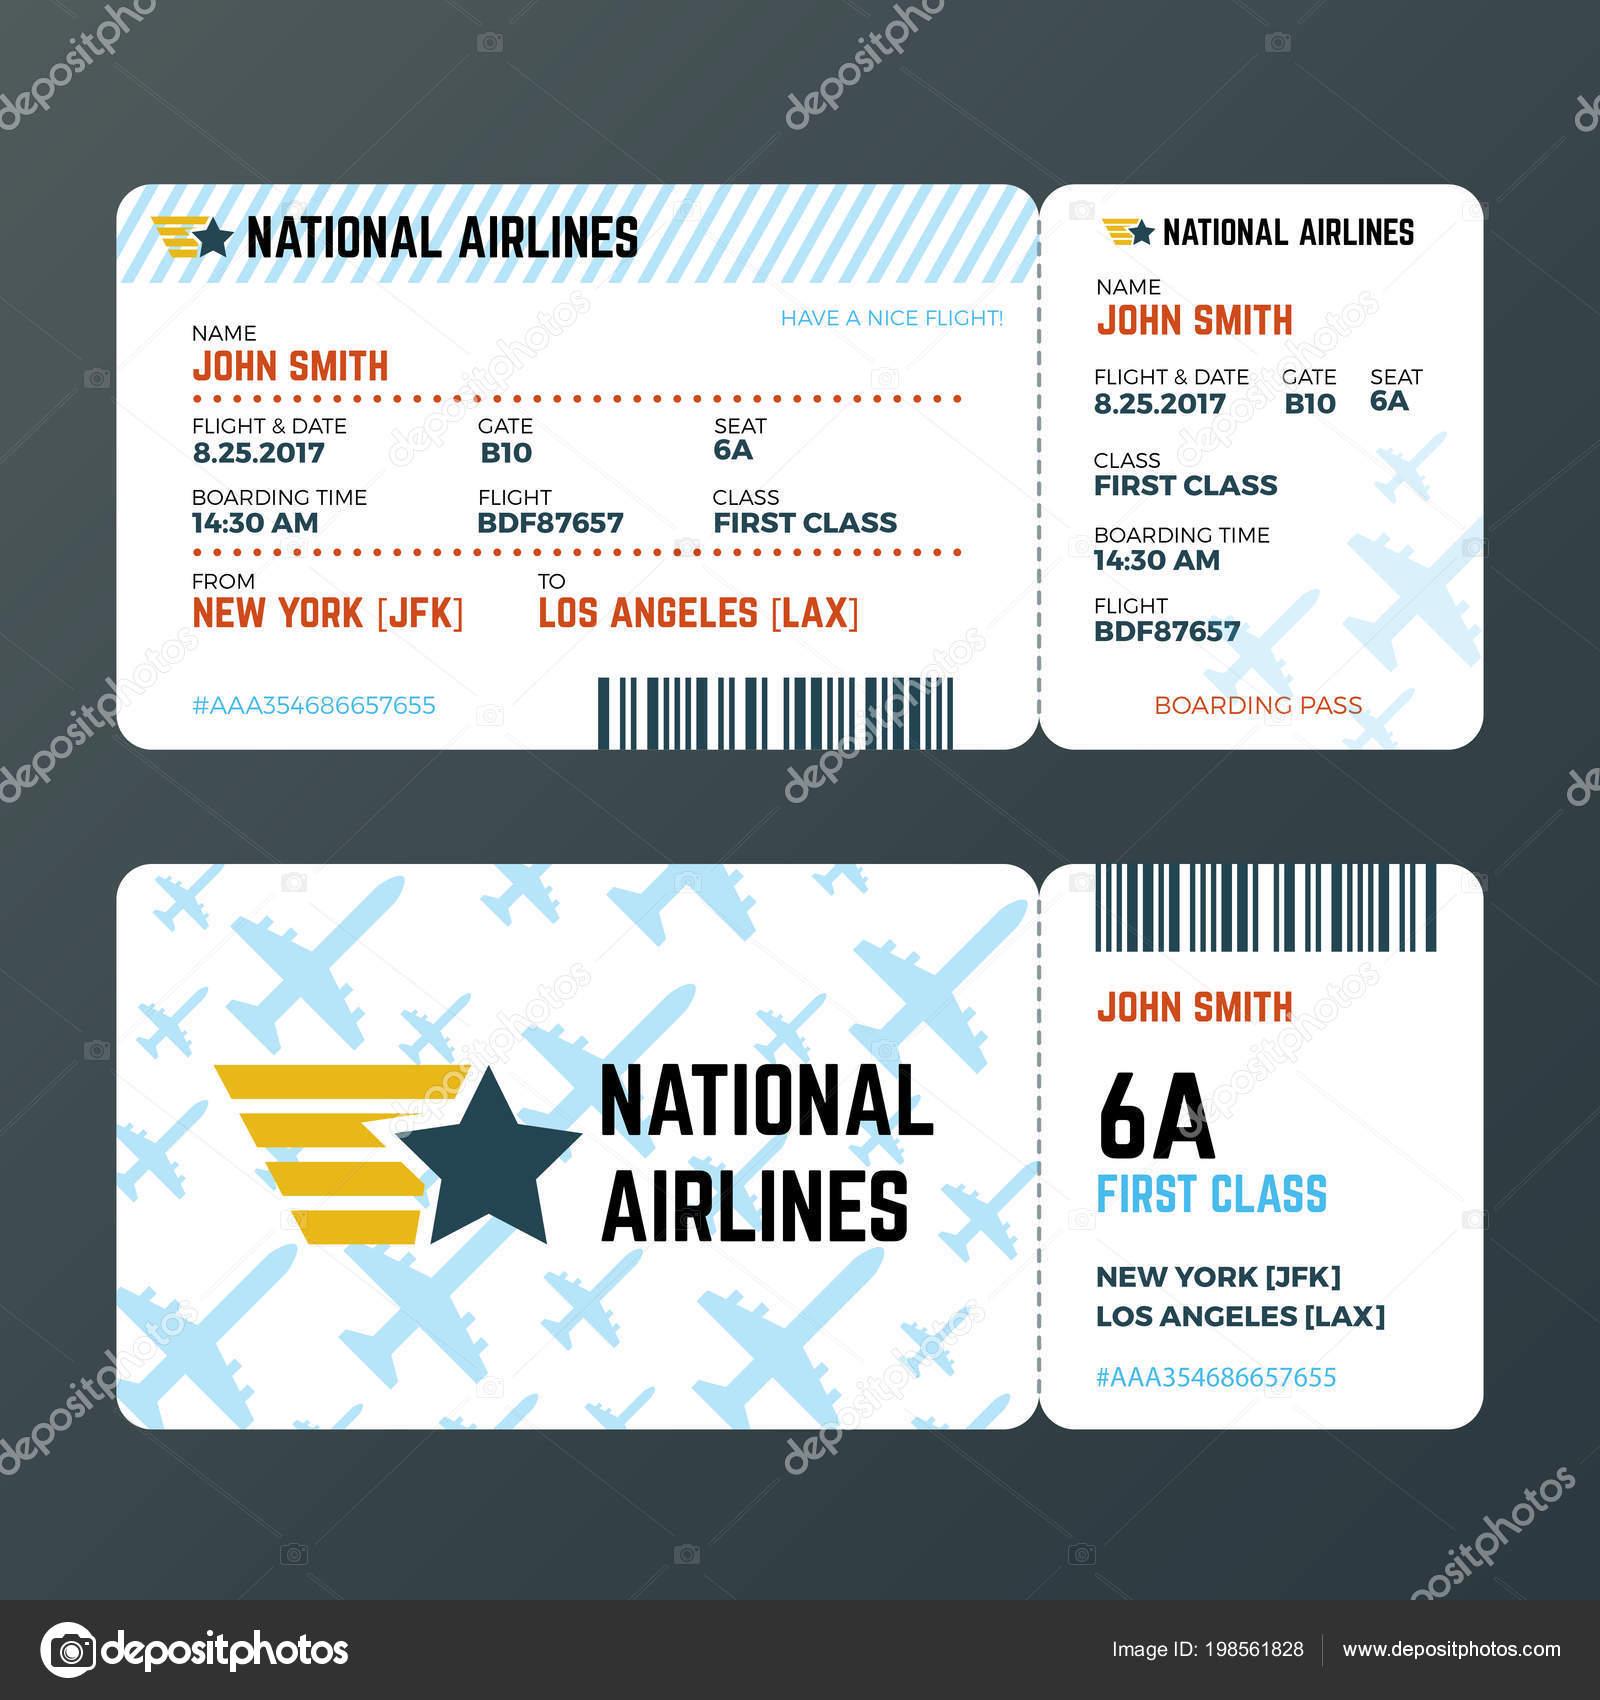 Flugzeug Flug boarding Pass Ticket isoliert Vektor Vorlage ...